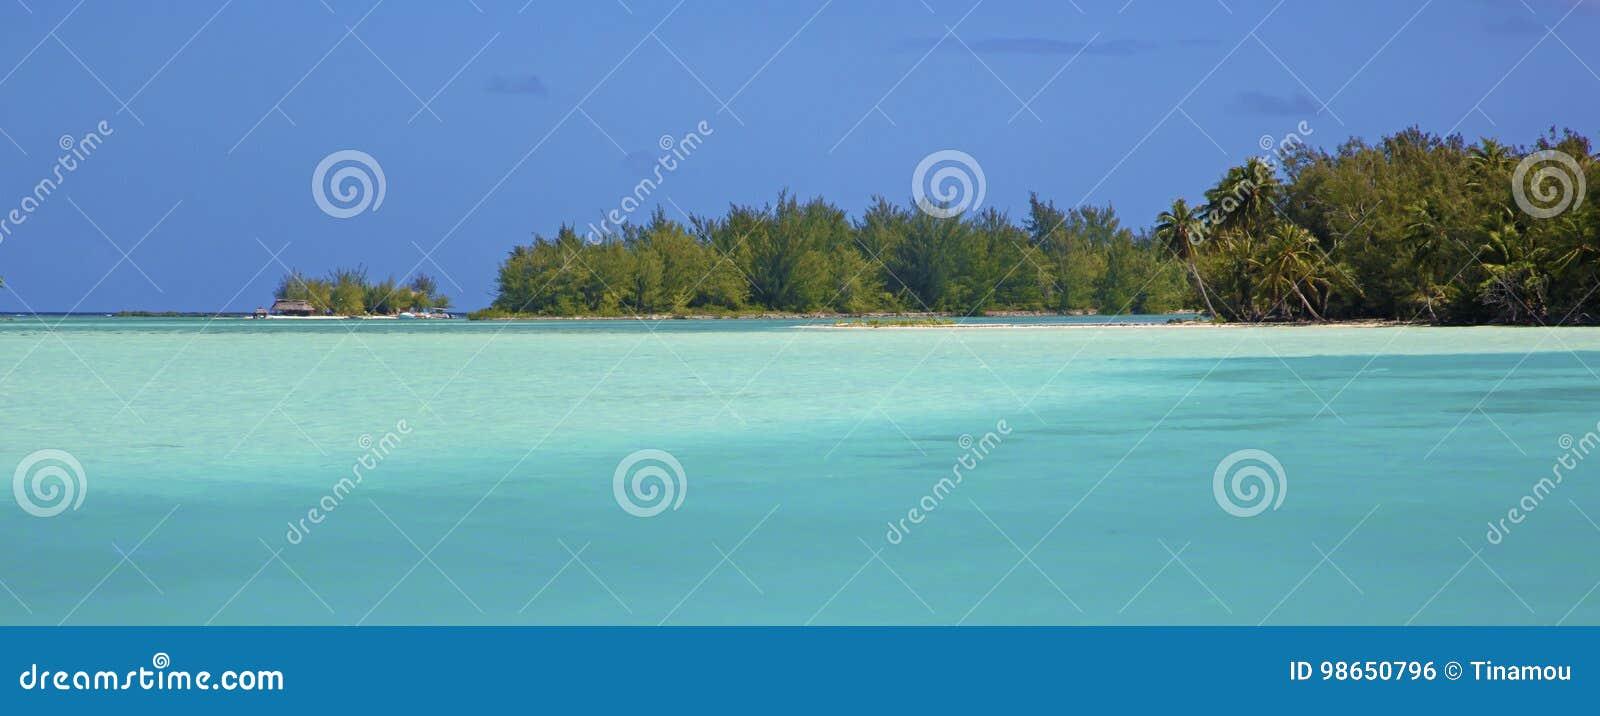 Farben Von Bora Bora Lagune Franzosisch Polynesien Stockfoto Bild